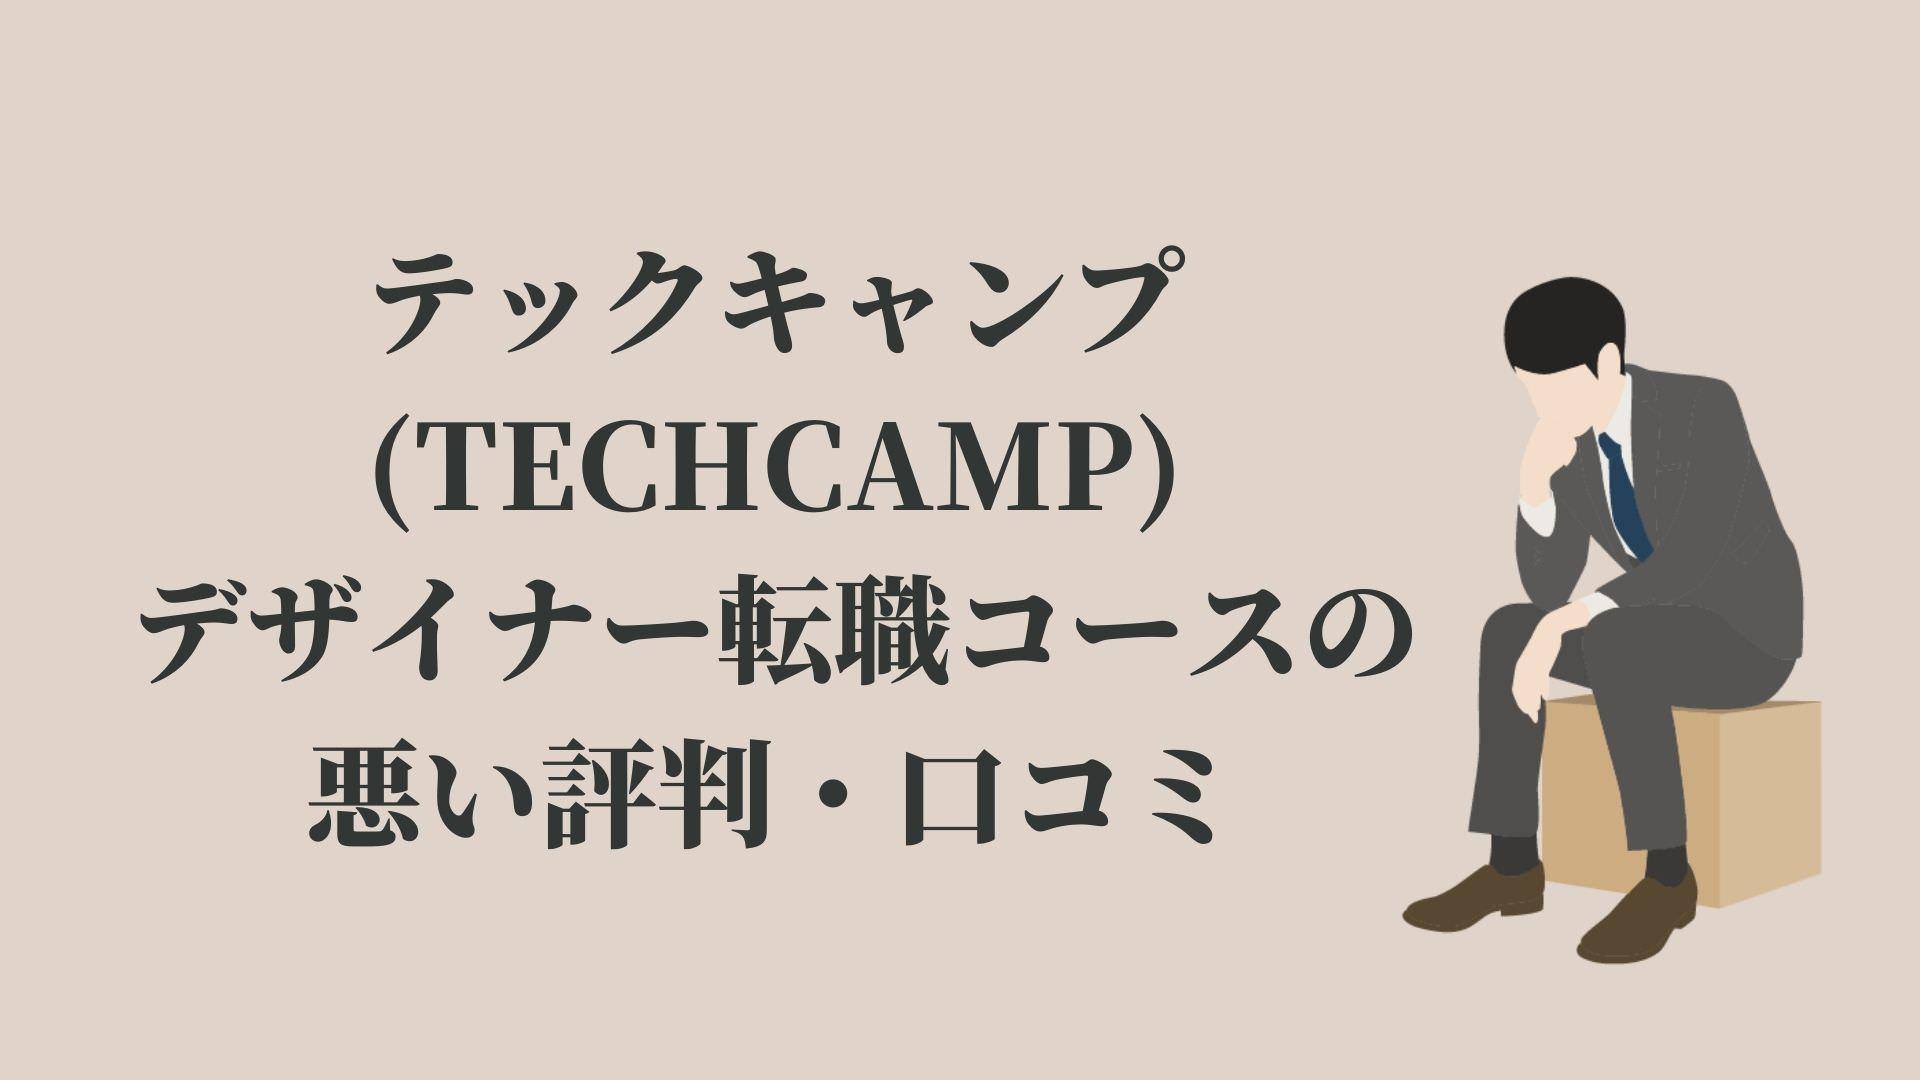 テックキャンプ(TECHCAMP)デザイナー転職コースの悪い評判・口コミ